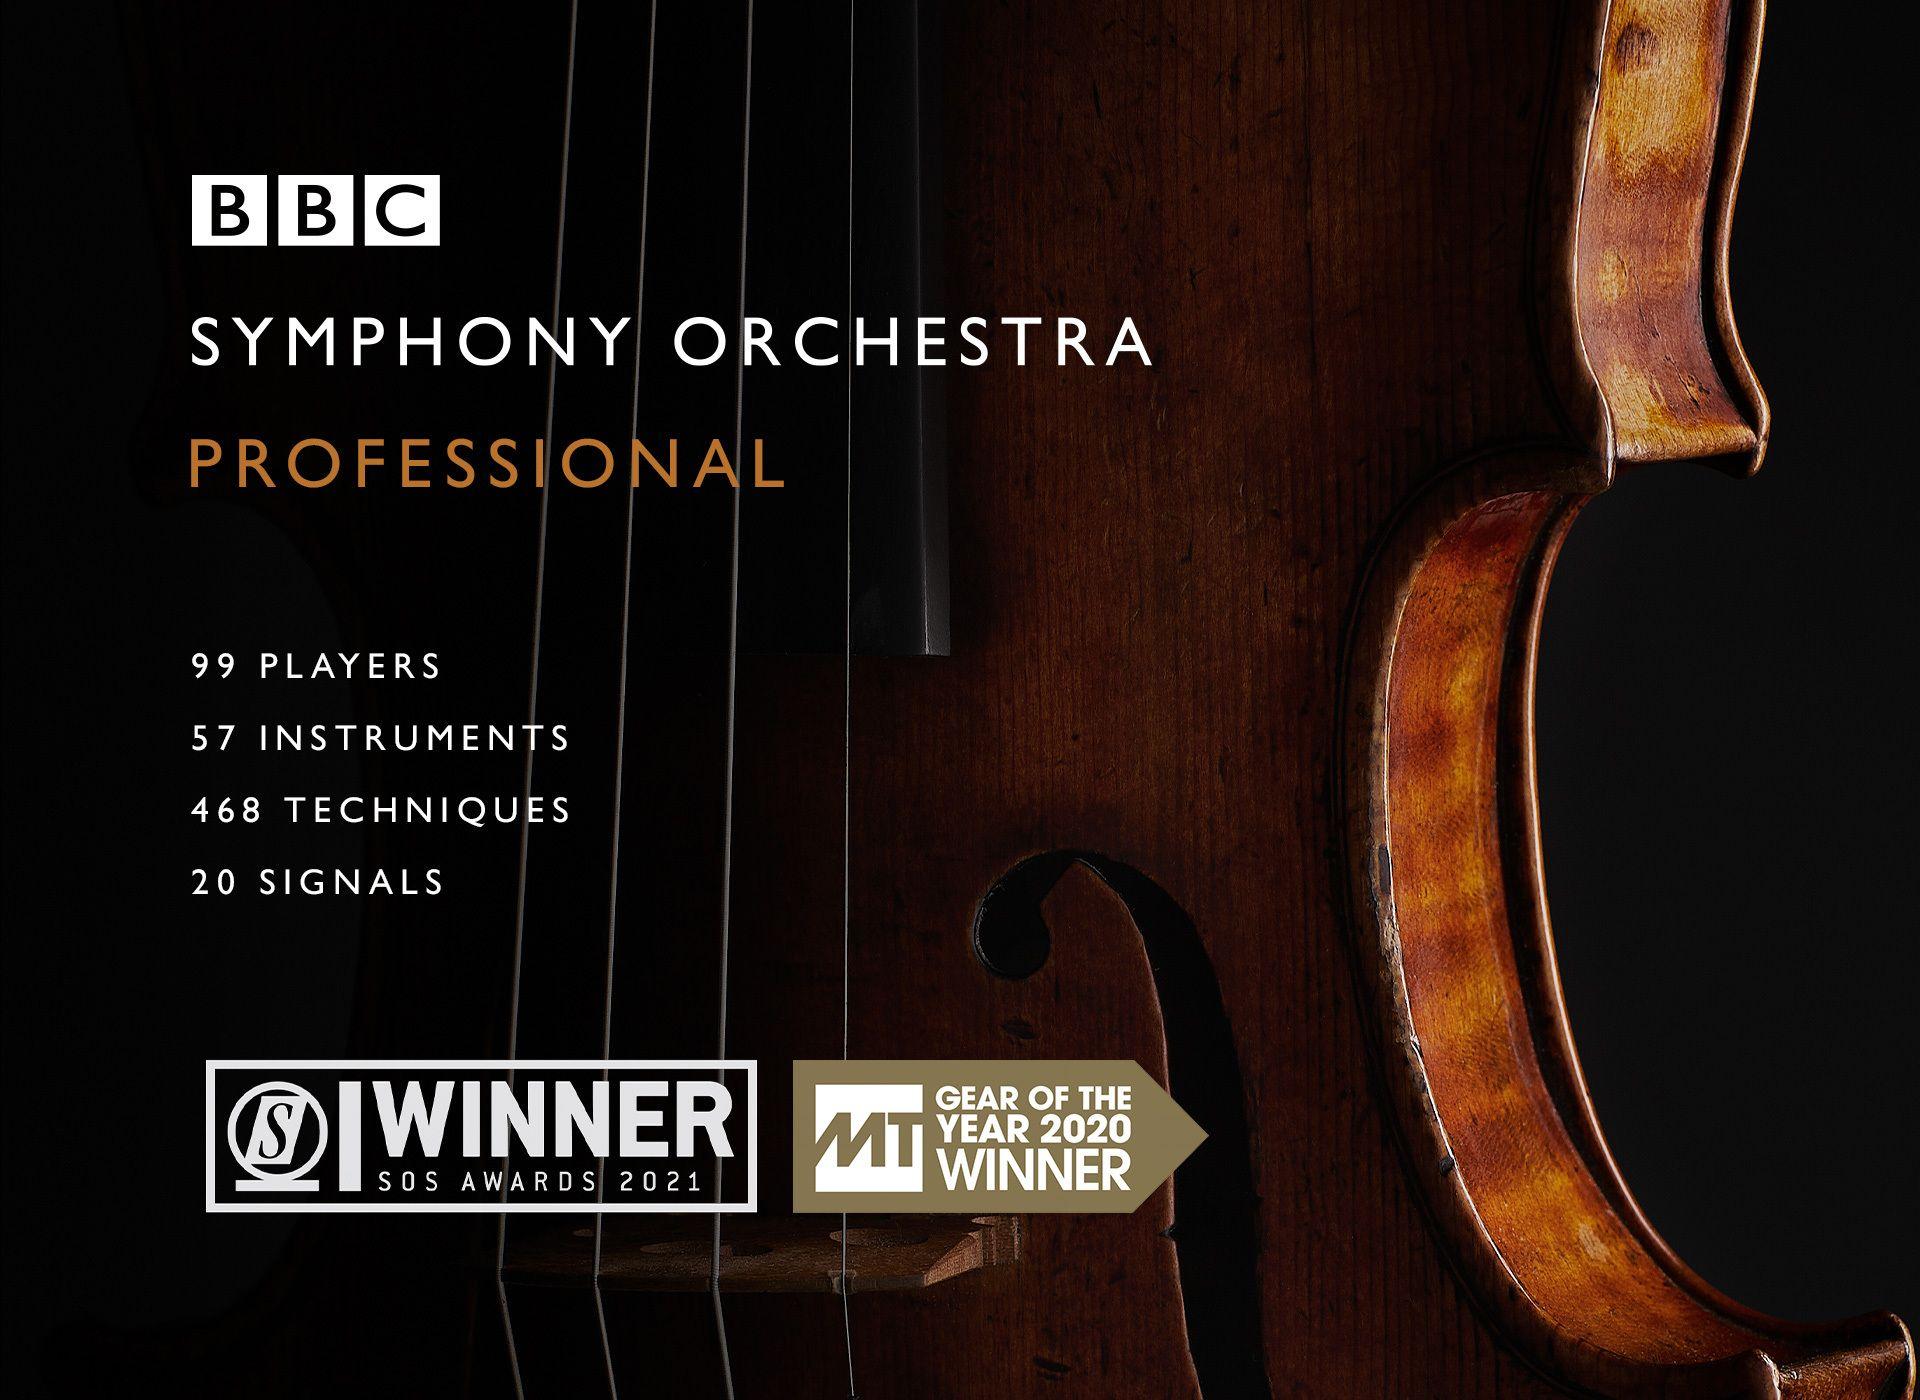 Plugin et banque de sons Spitfire Audio — BBC Symphony Orchestra Professional (Dématérialisé - spitfireaudio.com)